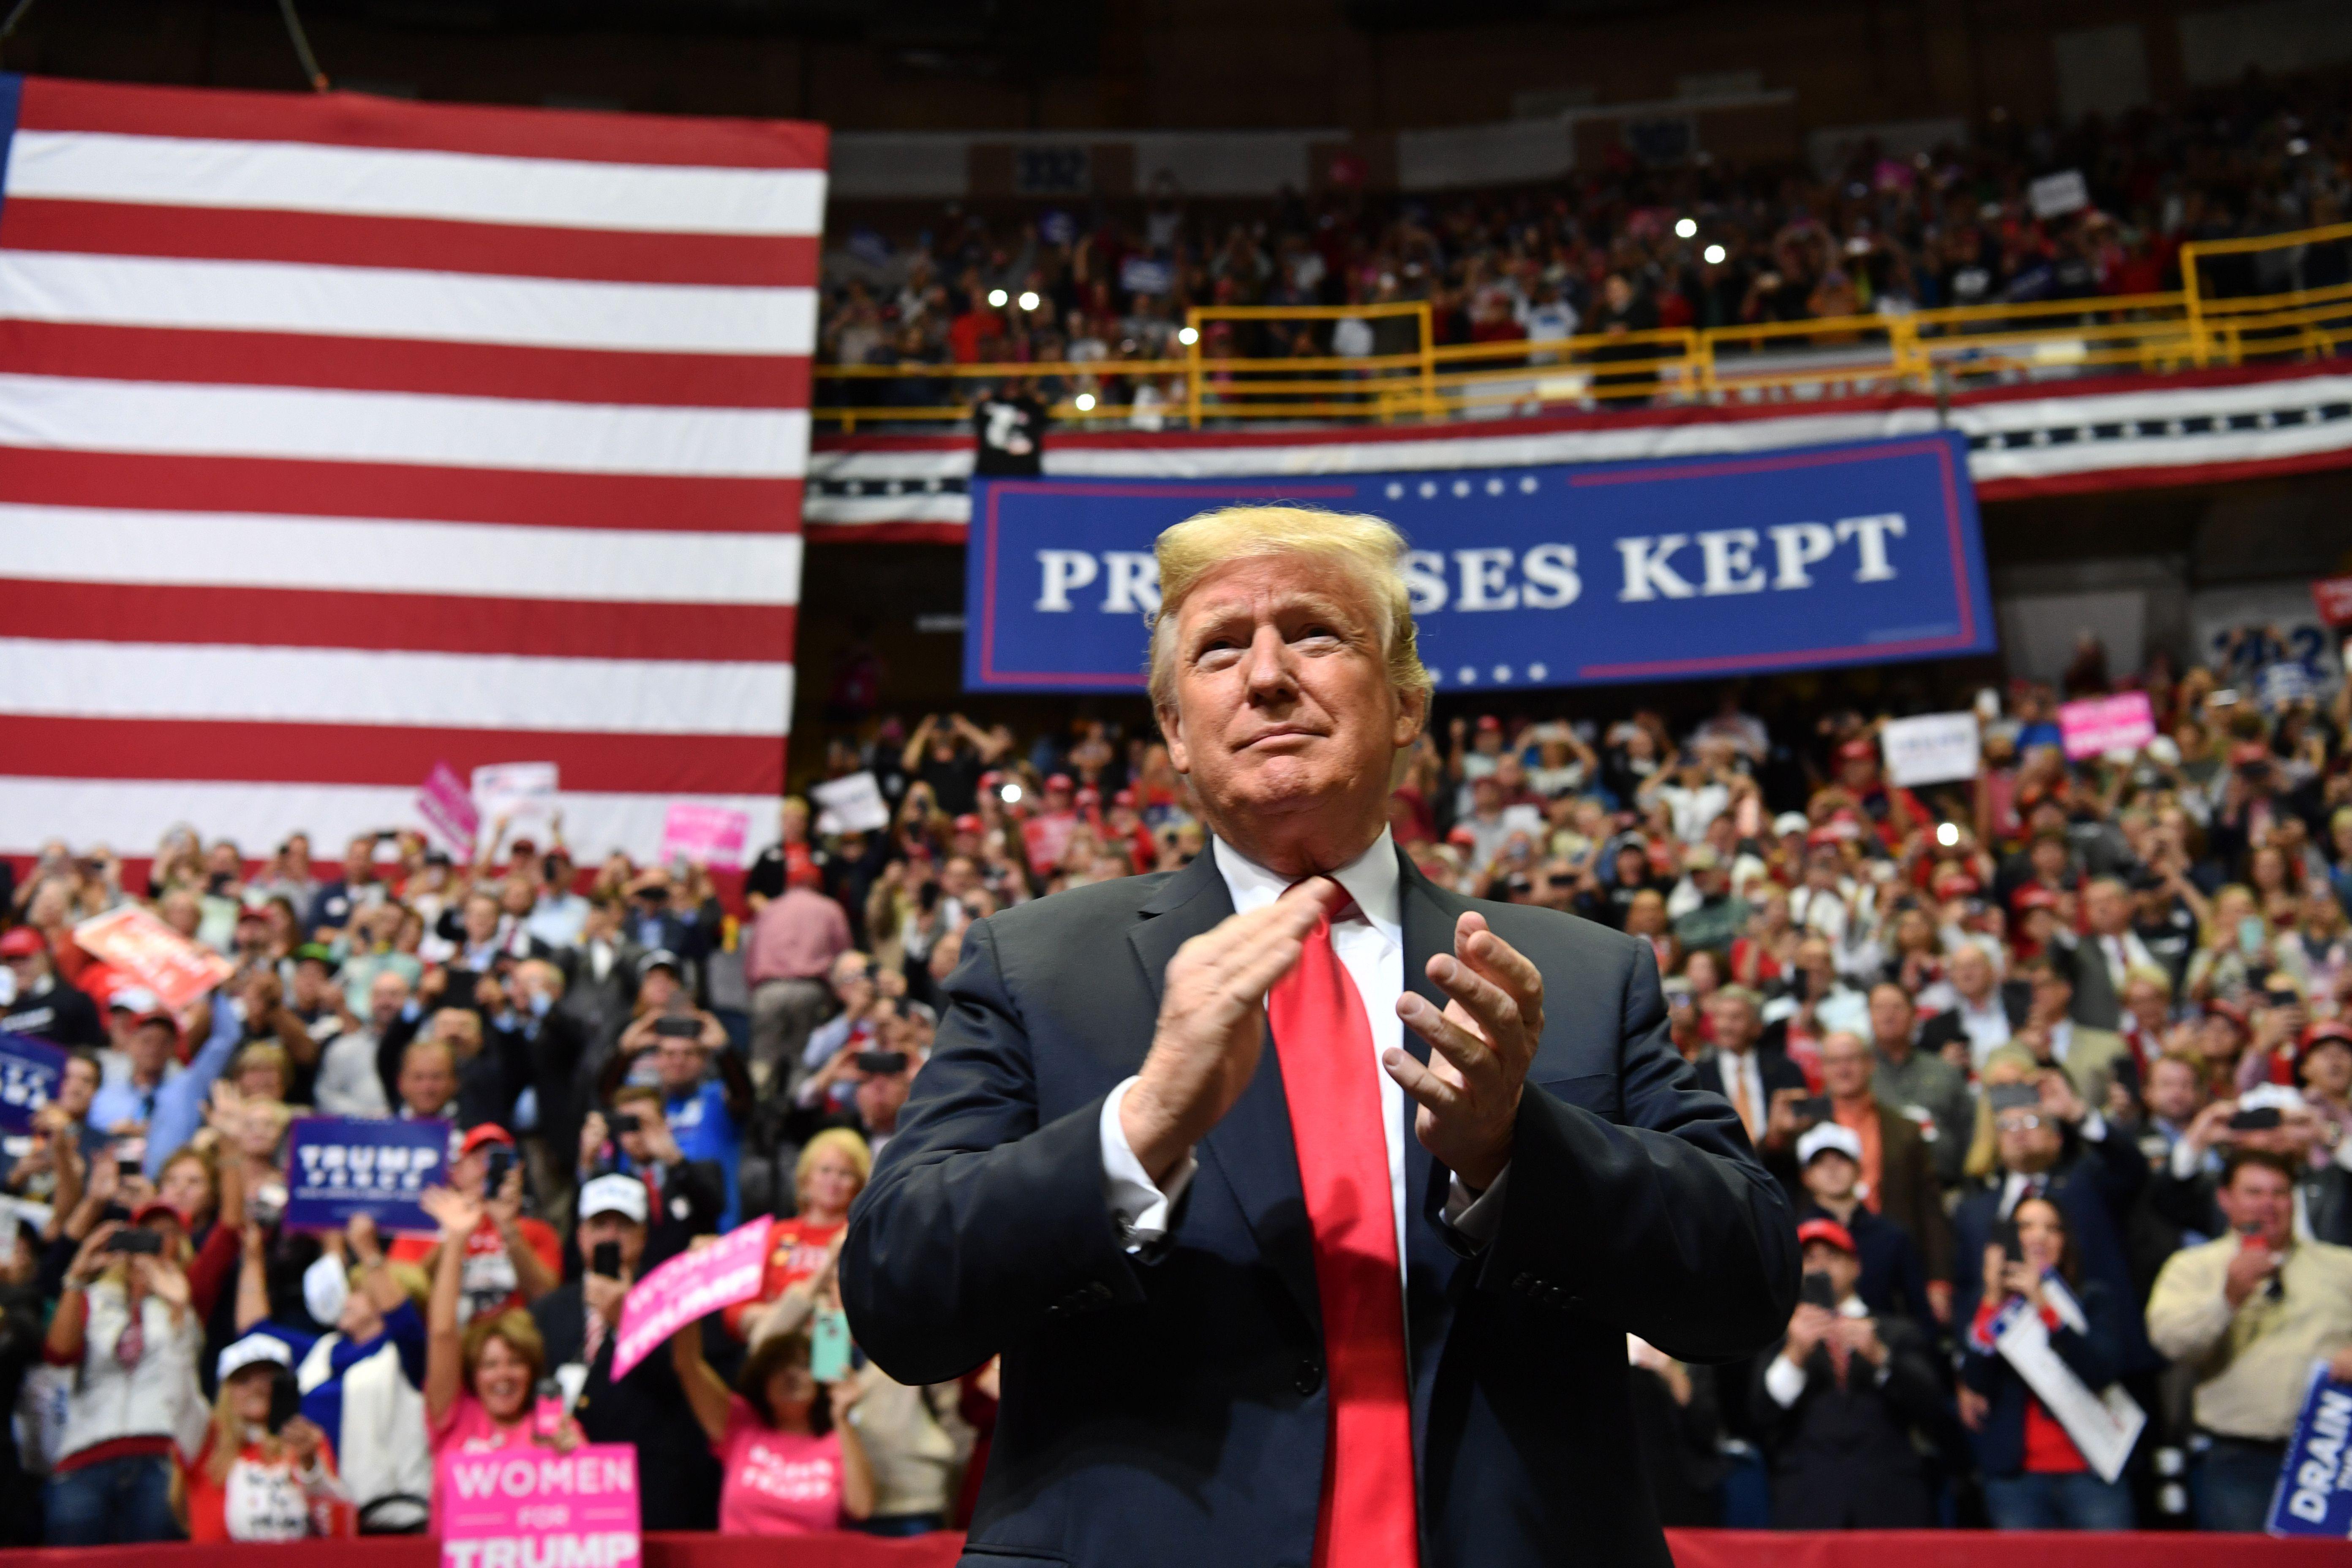 雖然不能全然說共和黨贏得了這一次美國的期中選舉,但特朗普再一次跌破眾多主流媒體的眼鏡,打了場堪稱成功的選戰。 (NICHOLAS KAMM/AFP/Getty Images)